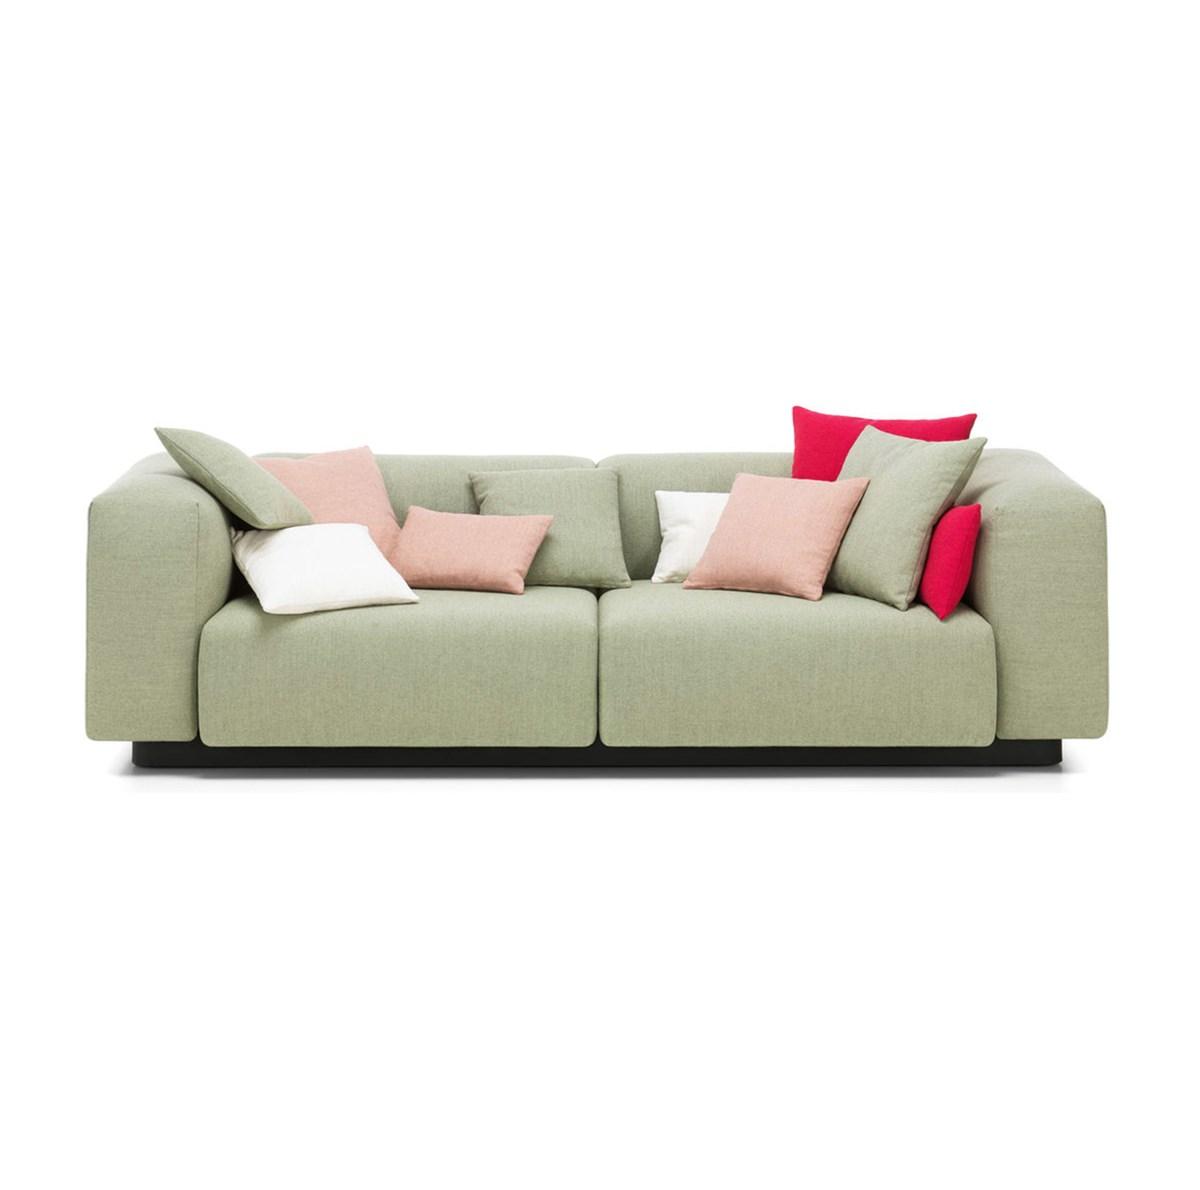 Vitra-Jasper-Morrison-Soft-Modular-Sofa-Matisse-1